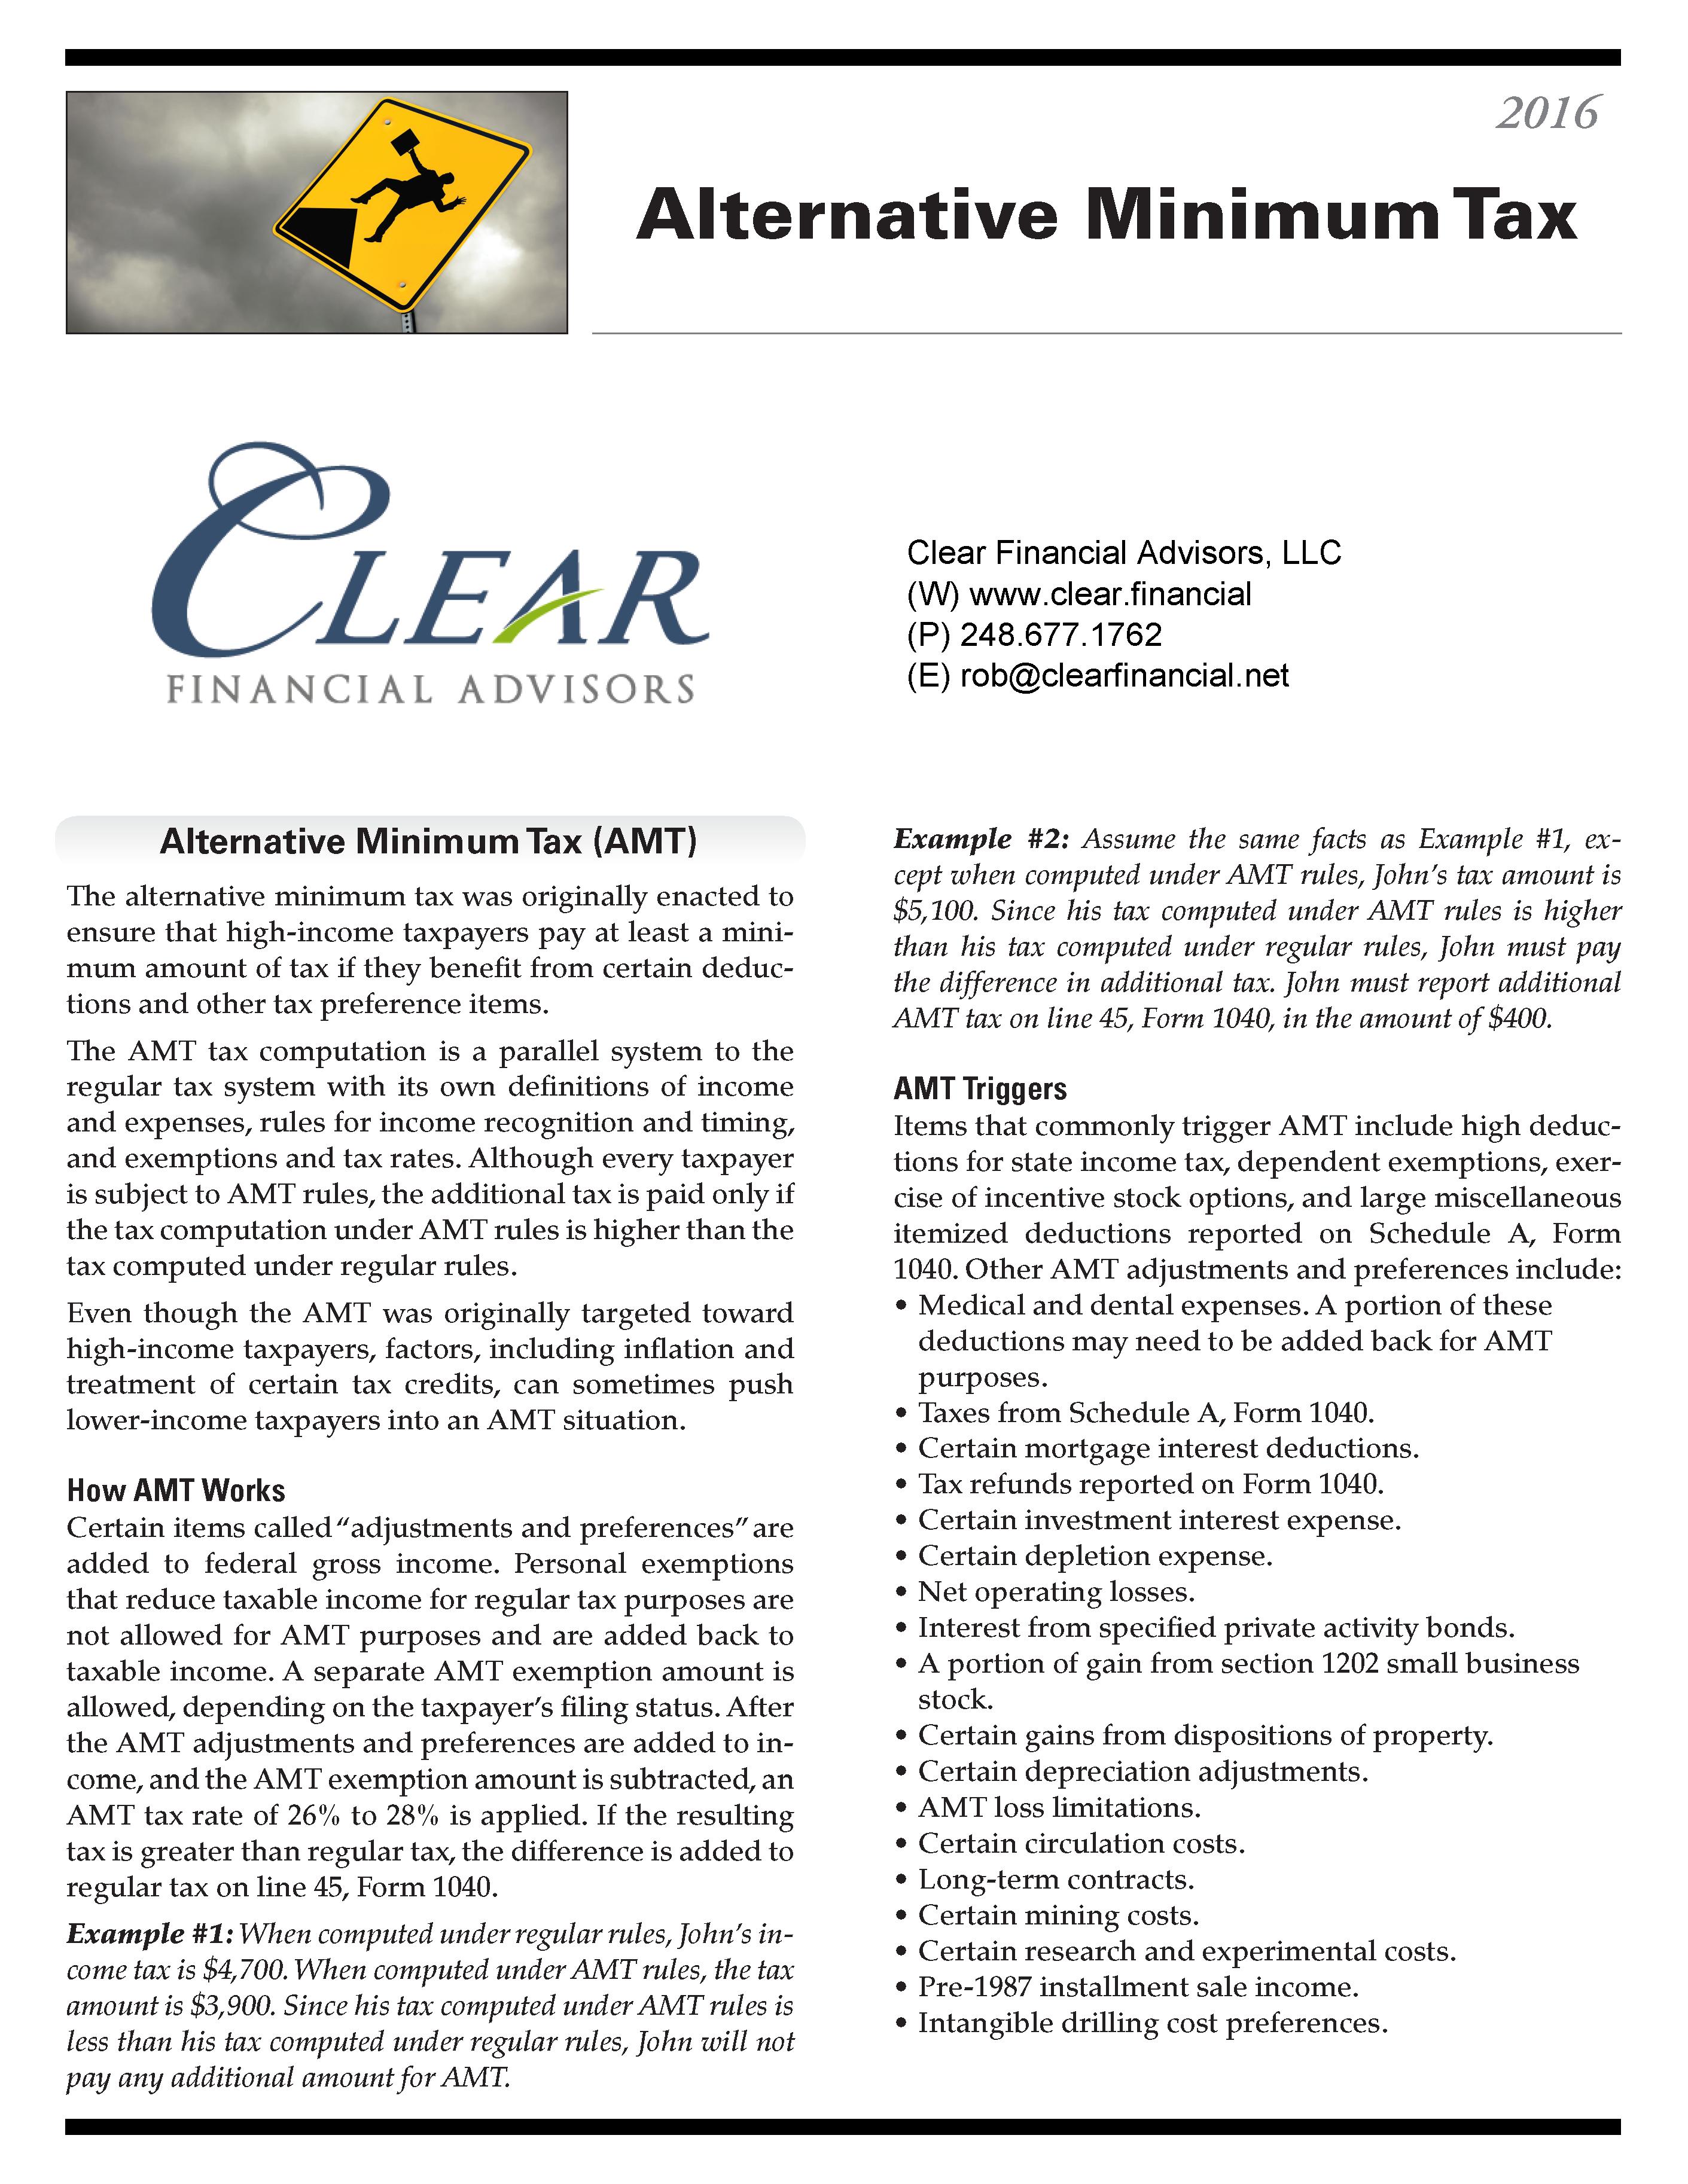 Alternative_Minimum_Tax_2016_Page_1